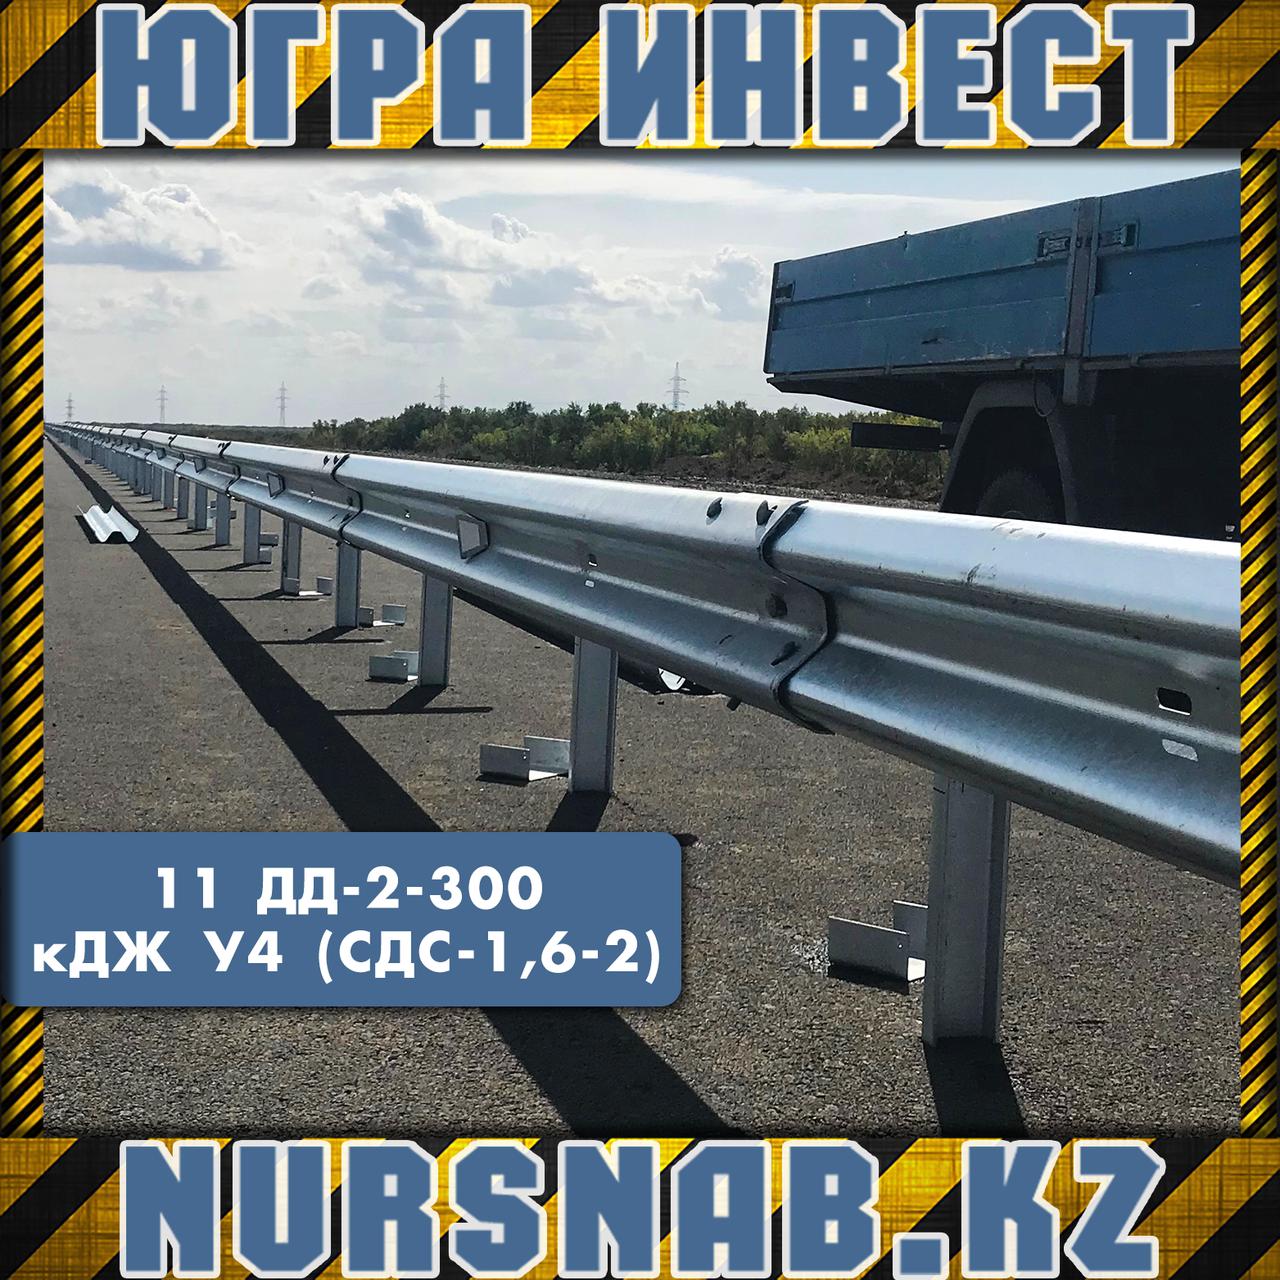 Дорожное ограждение 11 ДД-2-300 кДЖ У4 (СДС-1,6-2)